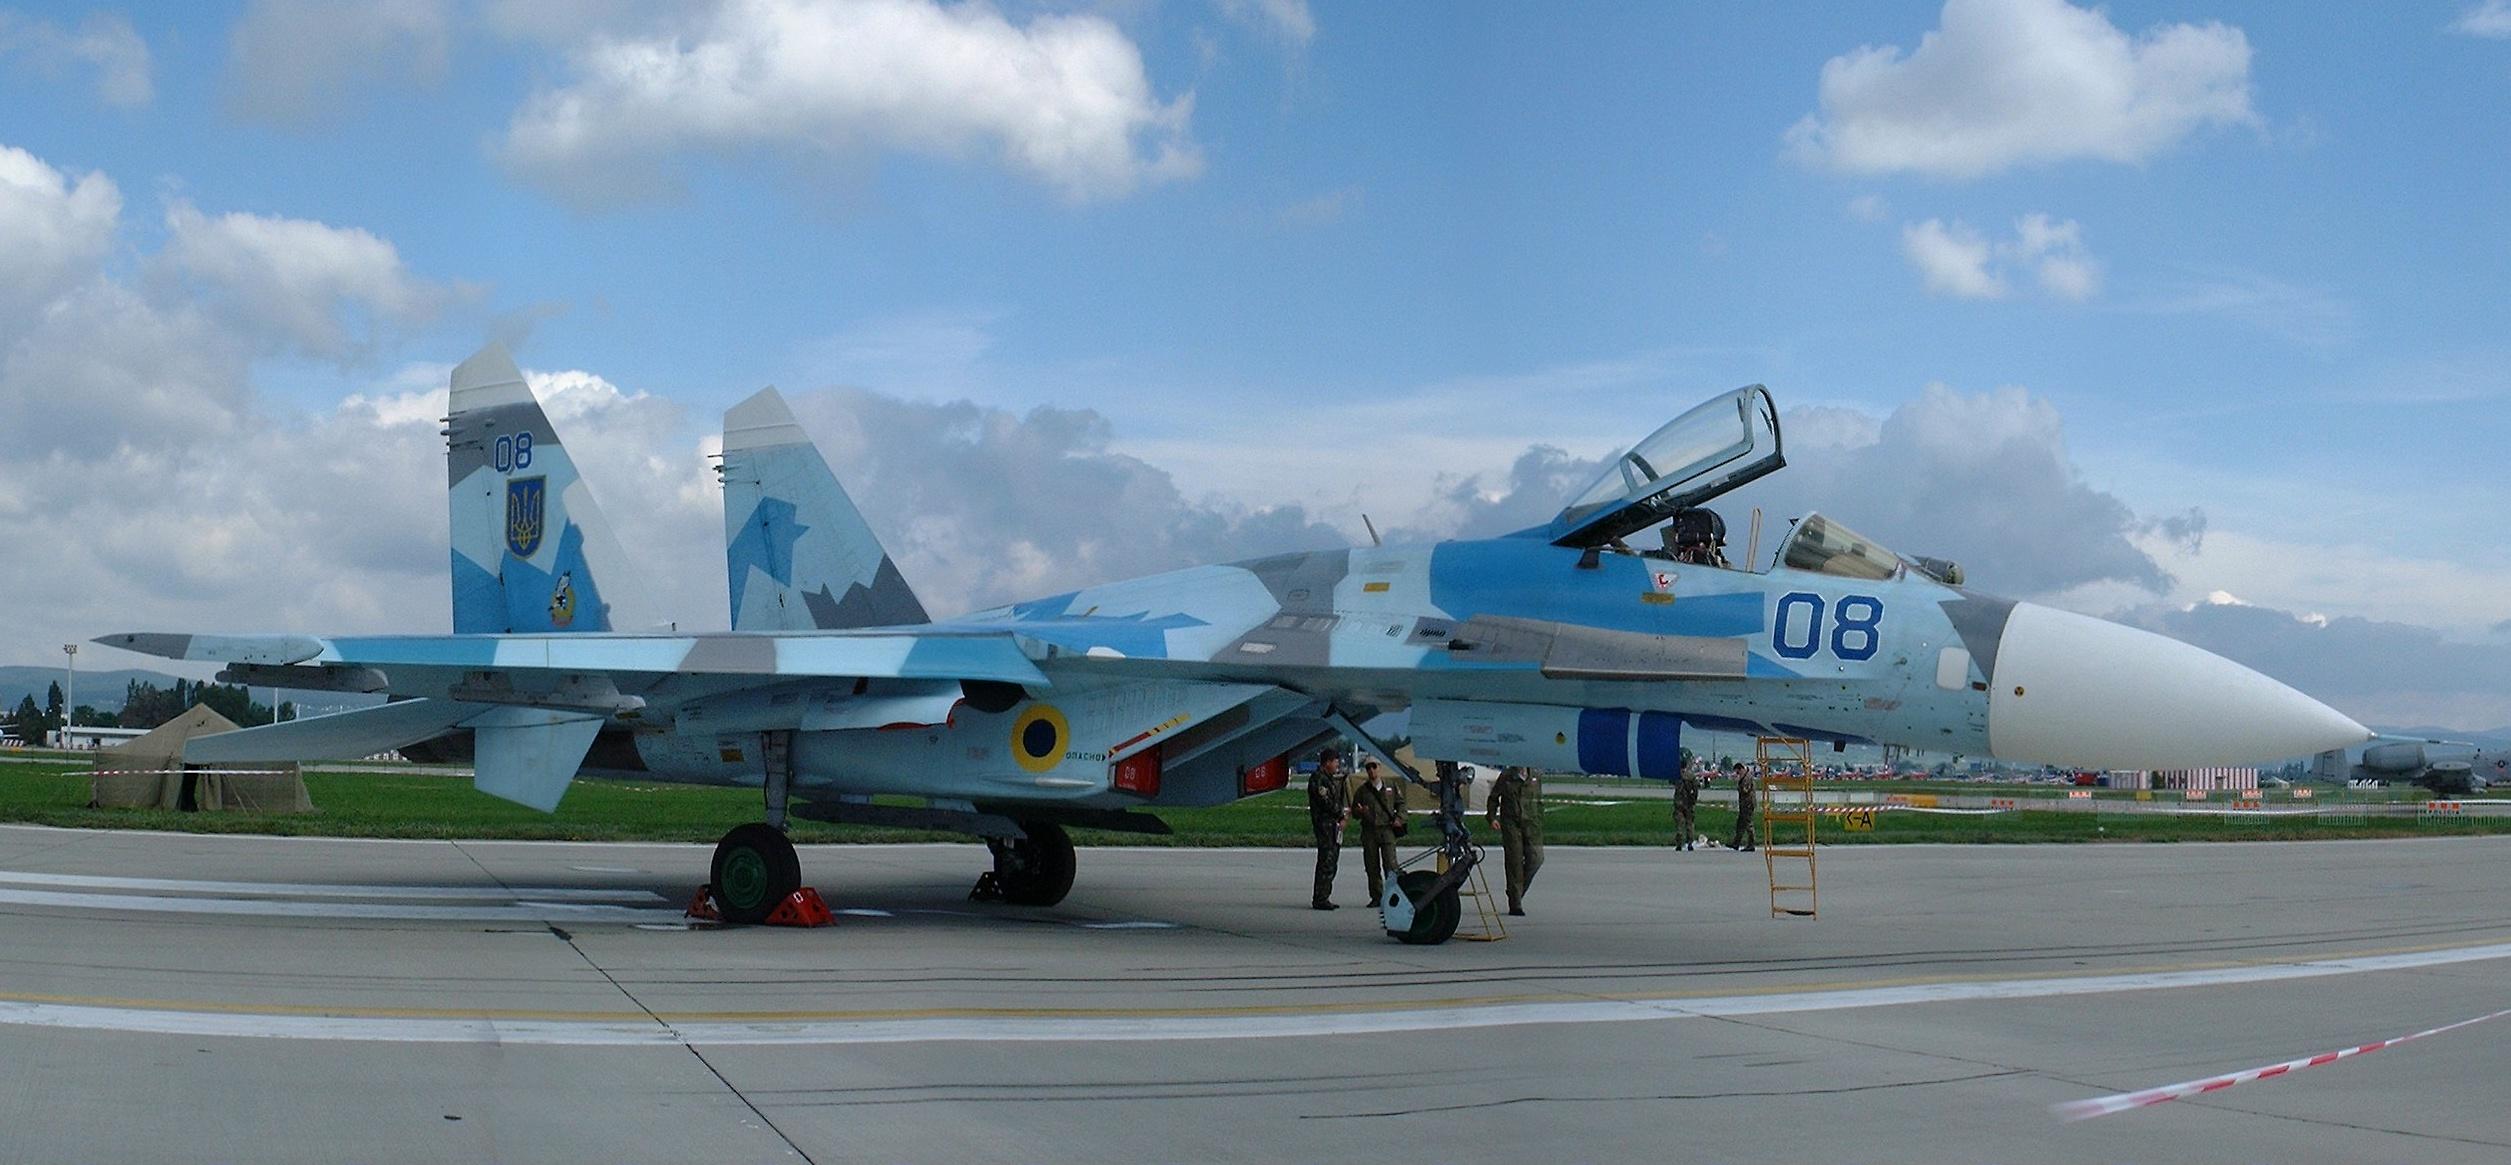 Egy orosz harcigép megint túl közel repült egy amerikaihoz